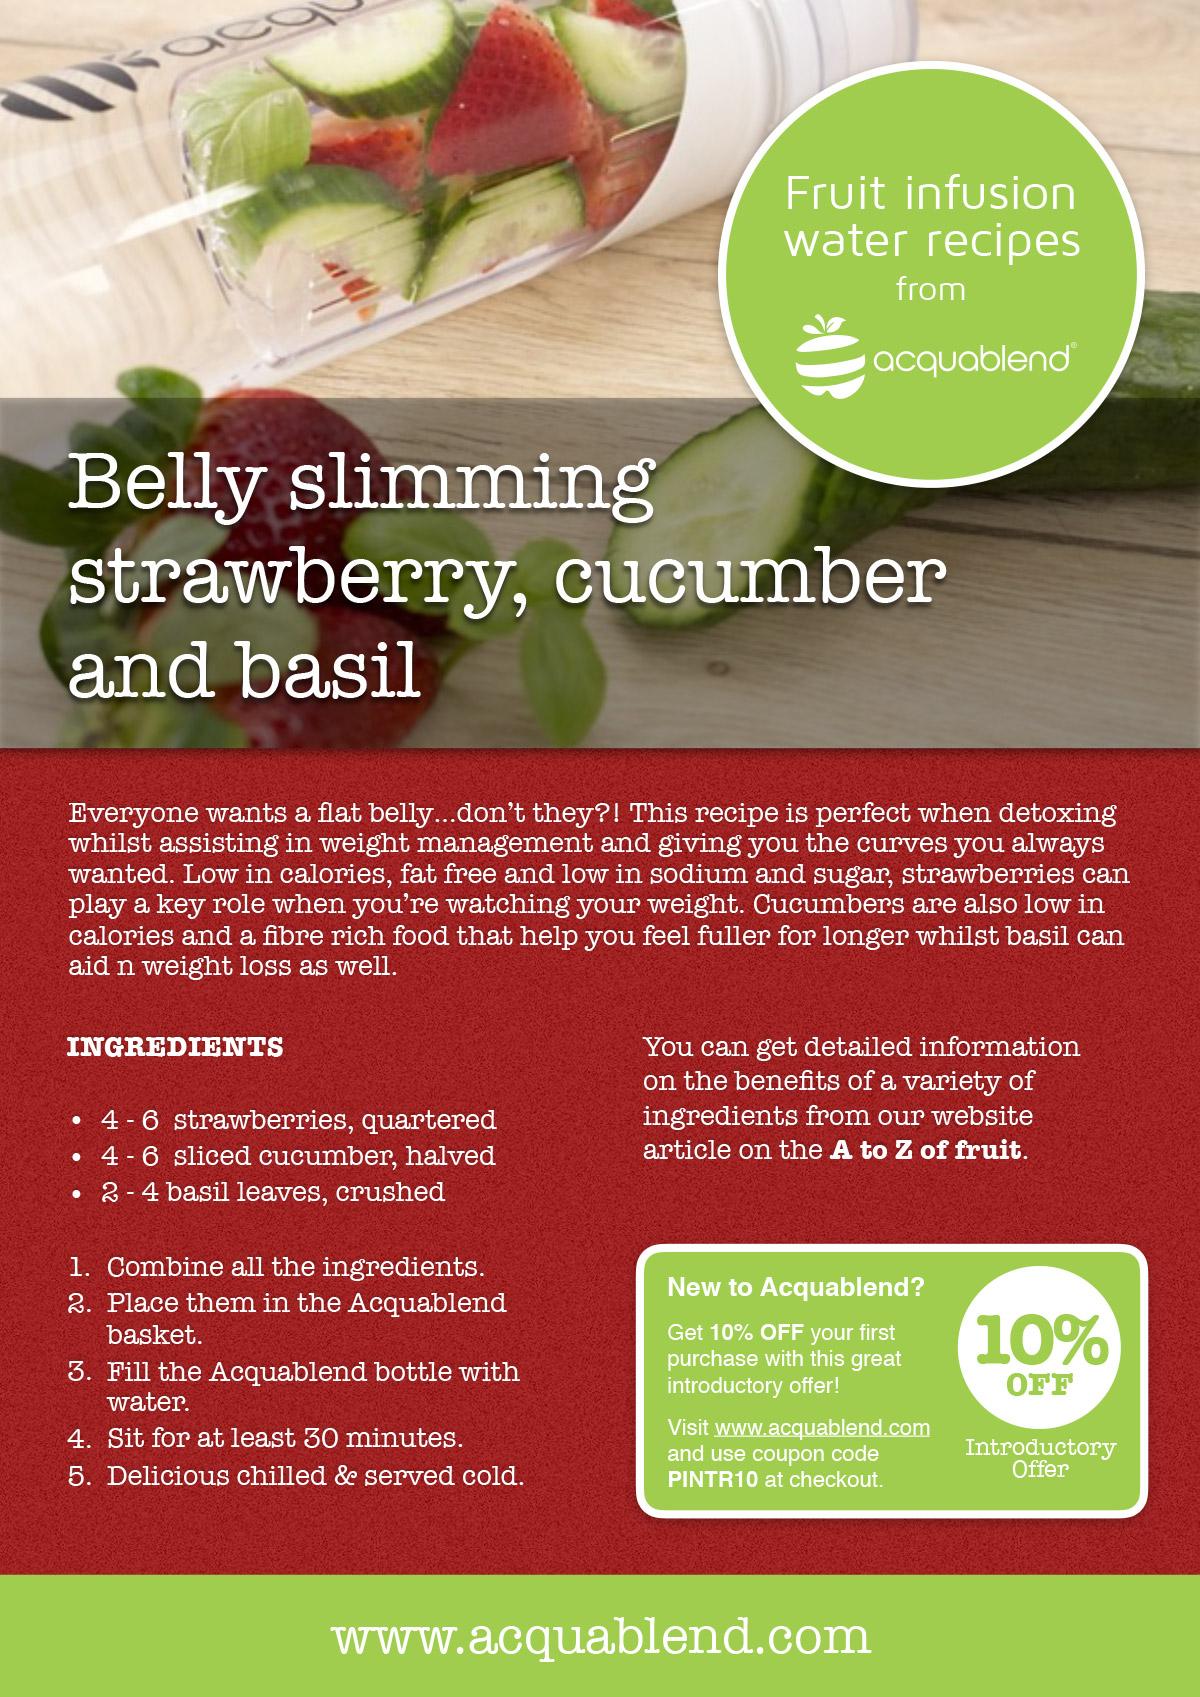 Best fat burner supplement 2016 image 3